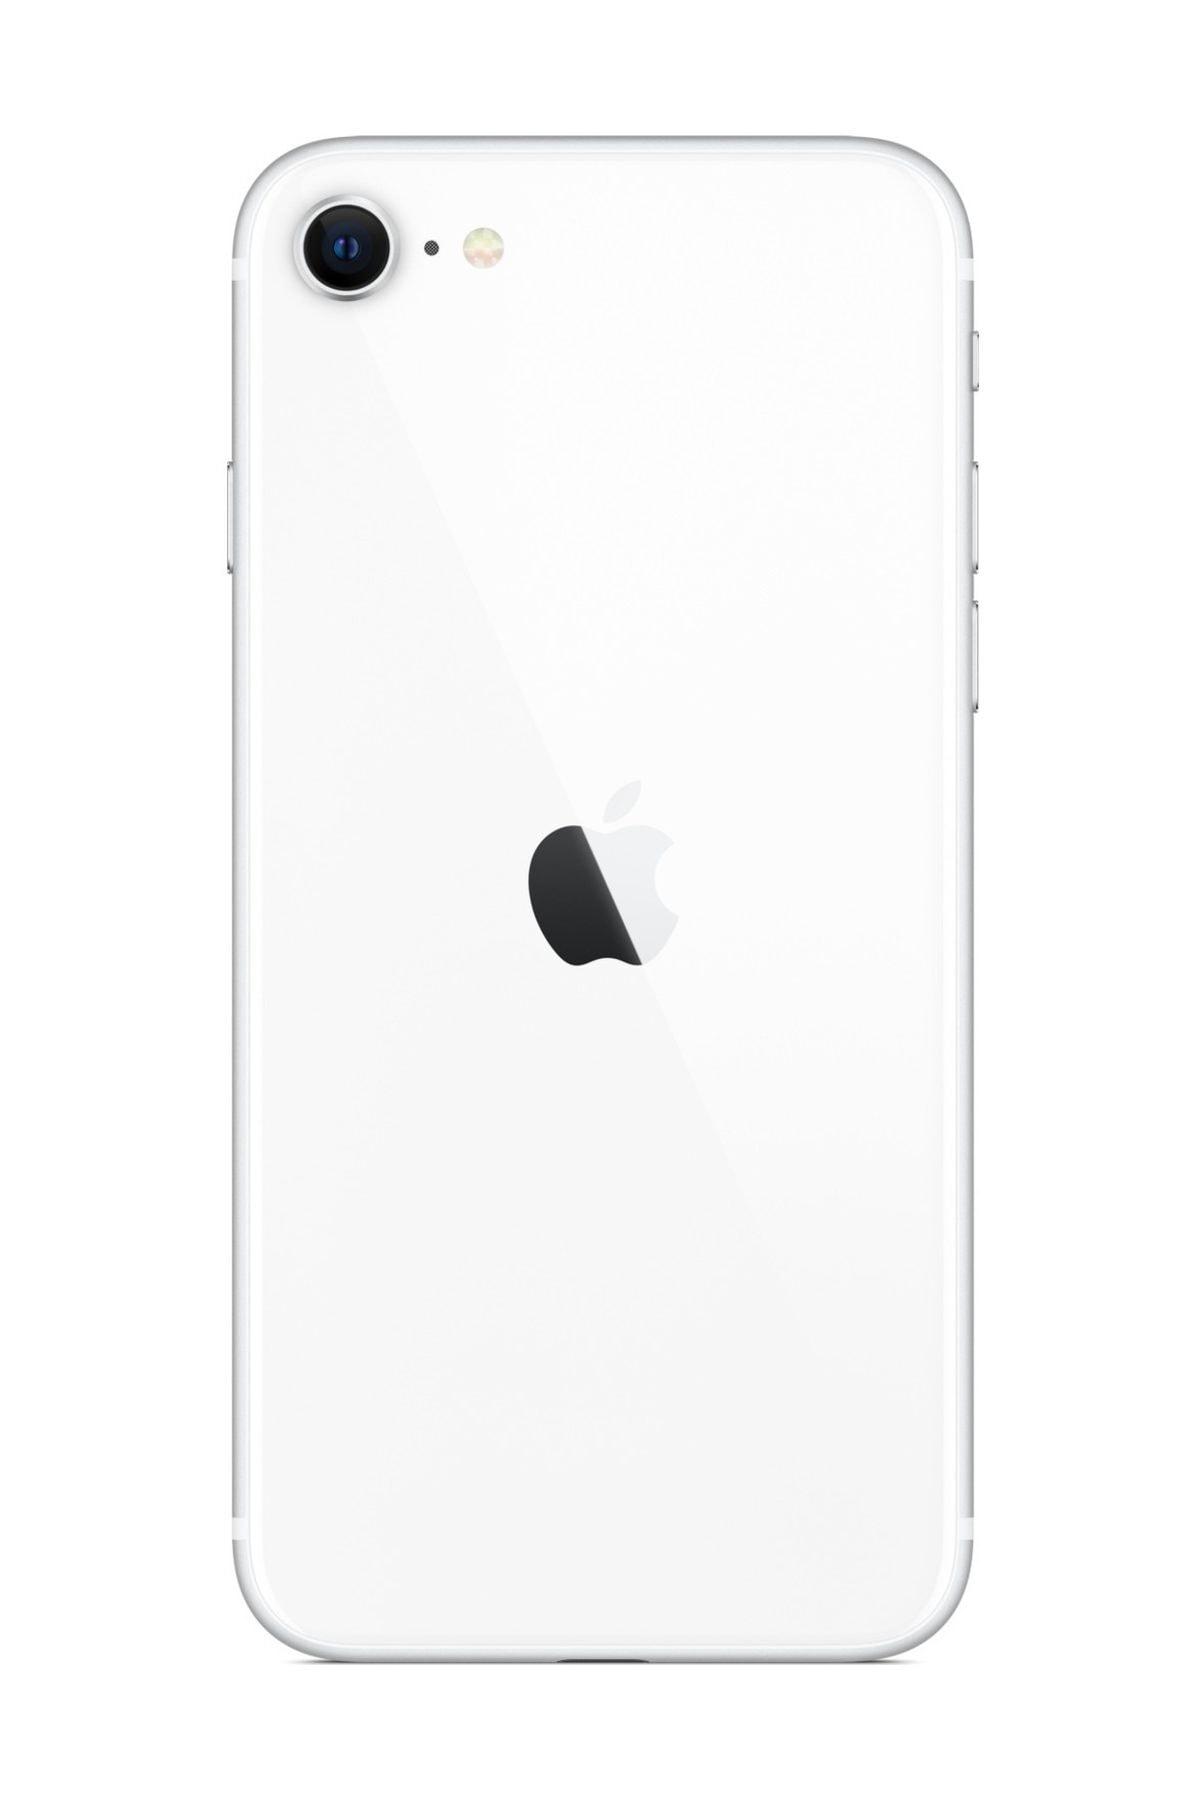 Apple iPhone SE (2020) 64 GB Beyaz Cep Telefonu (Apple Türkiye Garantili) Şarj Aleti Ve Kulaklık Dahildir 2